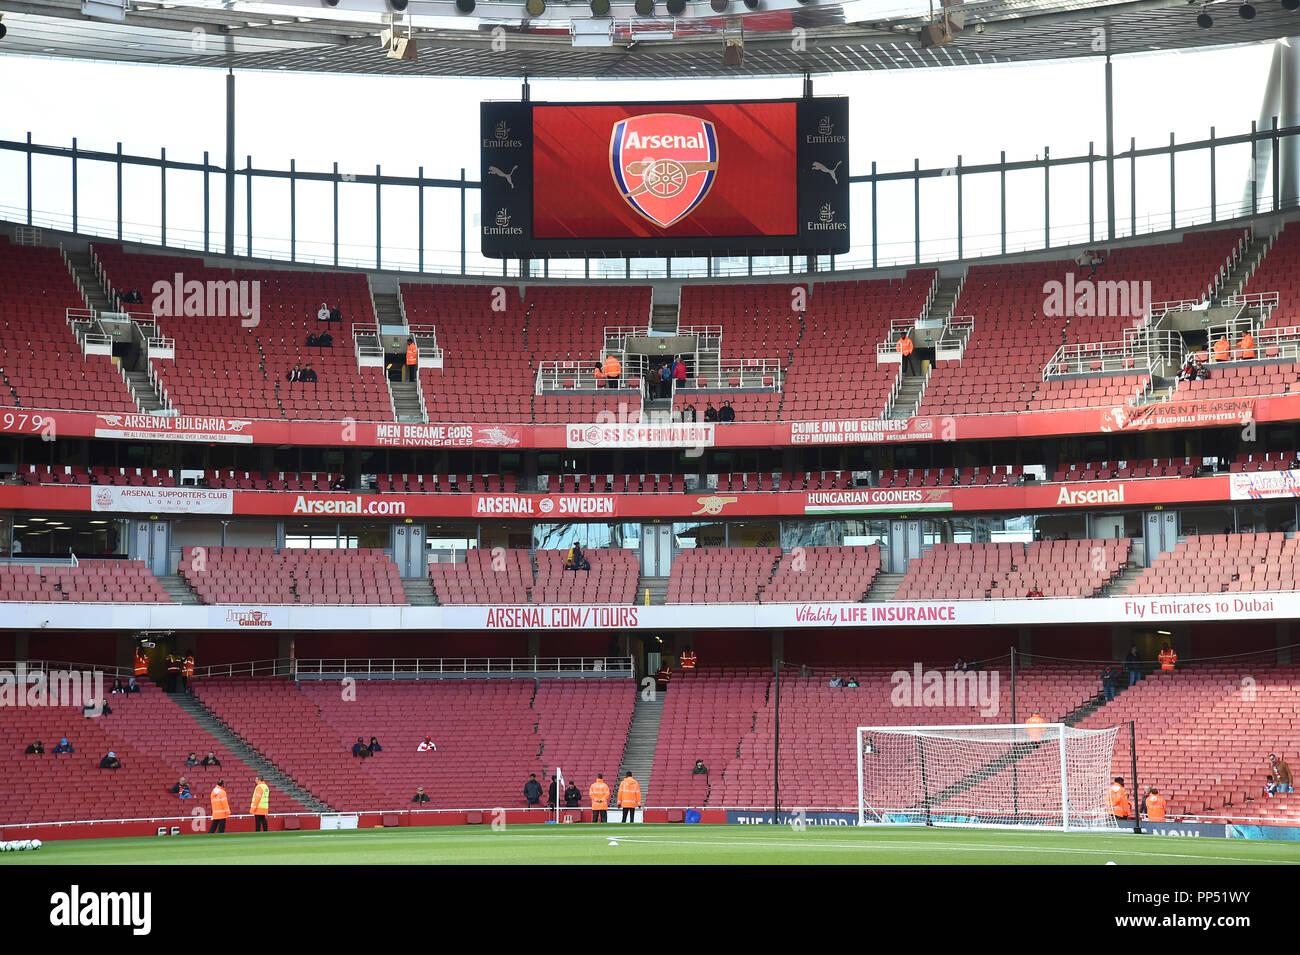 Londres, Royaume-Uni. 23 sept 2018. Vue générale du premier match de championnat entre Arsenal et Everton à l'Emirates Stadium le 23 septembre 2018 à Londres, en Angleterre. (Photo de Zed Jameson/phcimages.com): PHC Crédit Images/Alamy Live News Banque D'Images